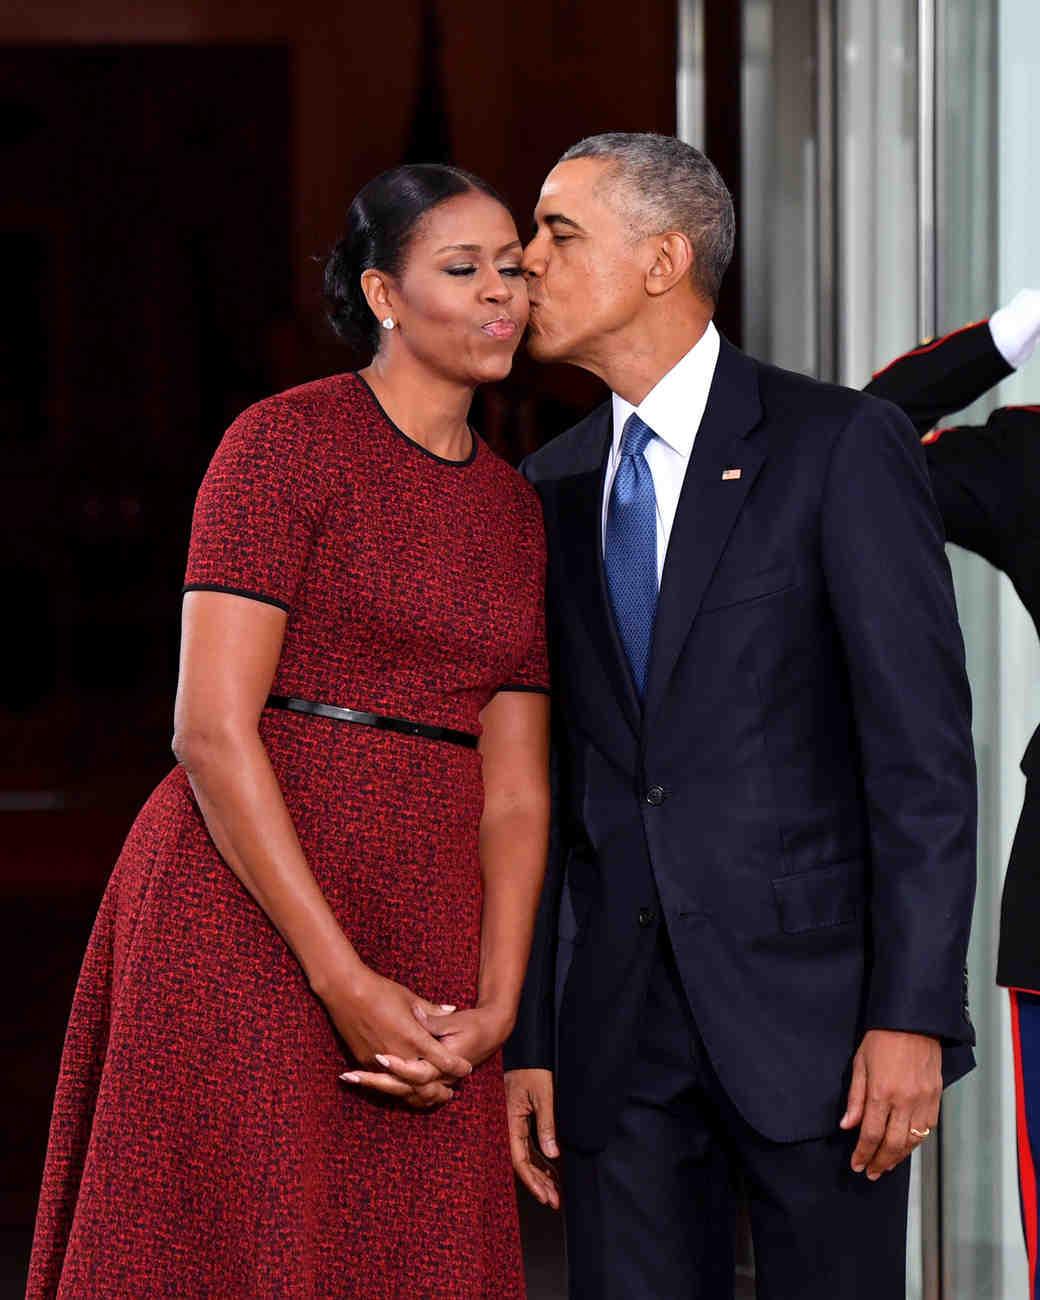 barack obama and michelle obama kiss on cheek